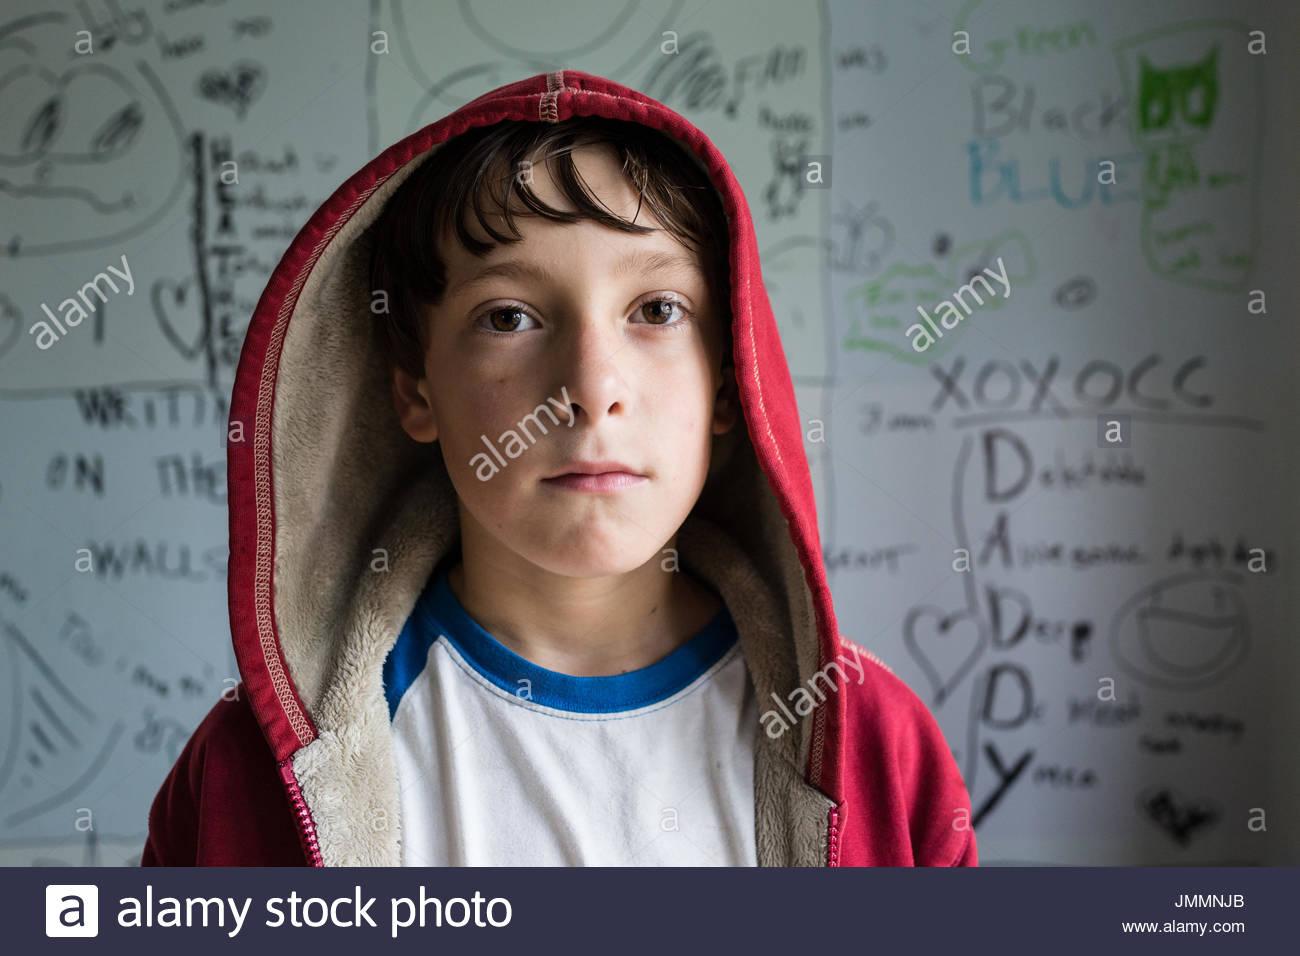 Ritratto di ragazzo che indossa un rosso felpa con cappuccio. Immagini Stock